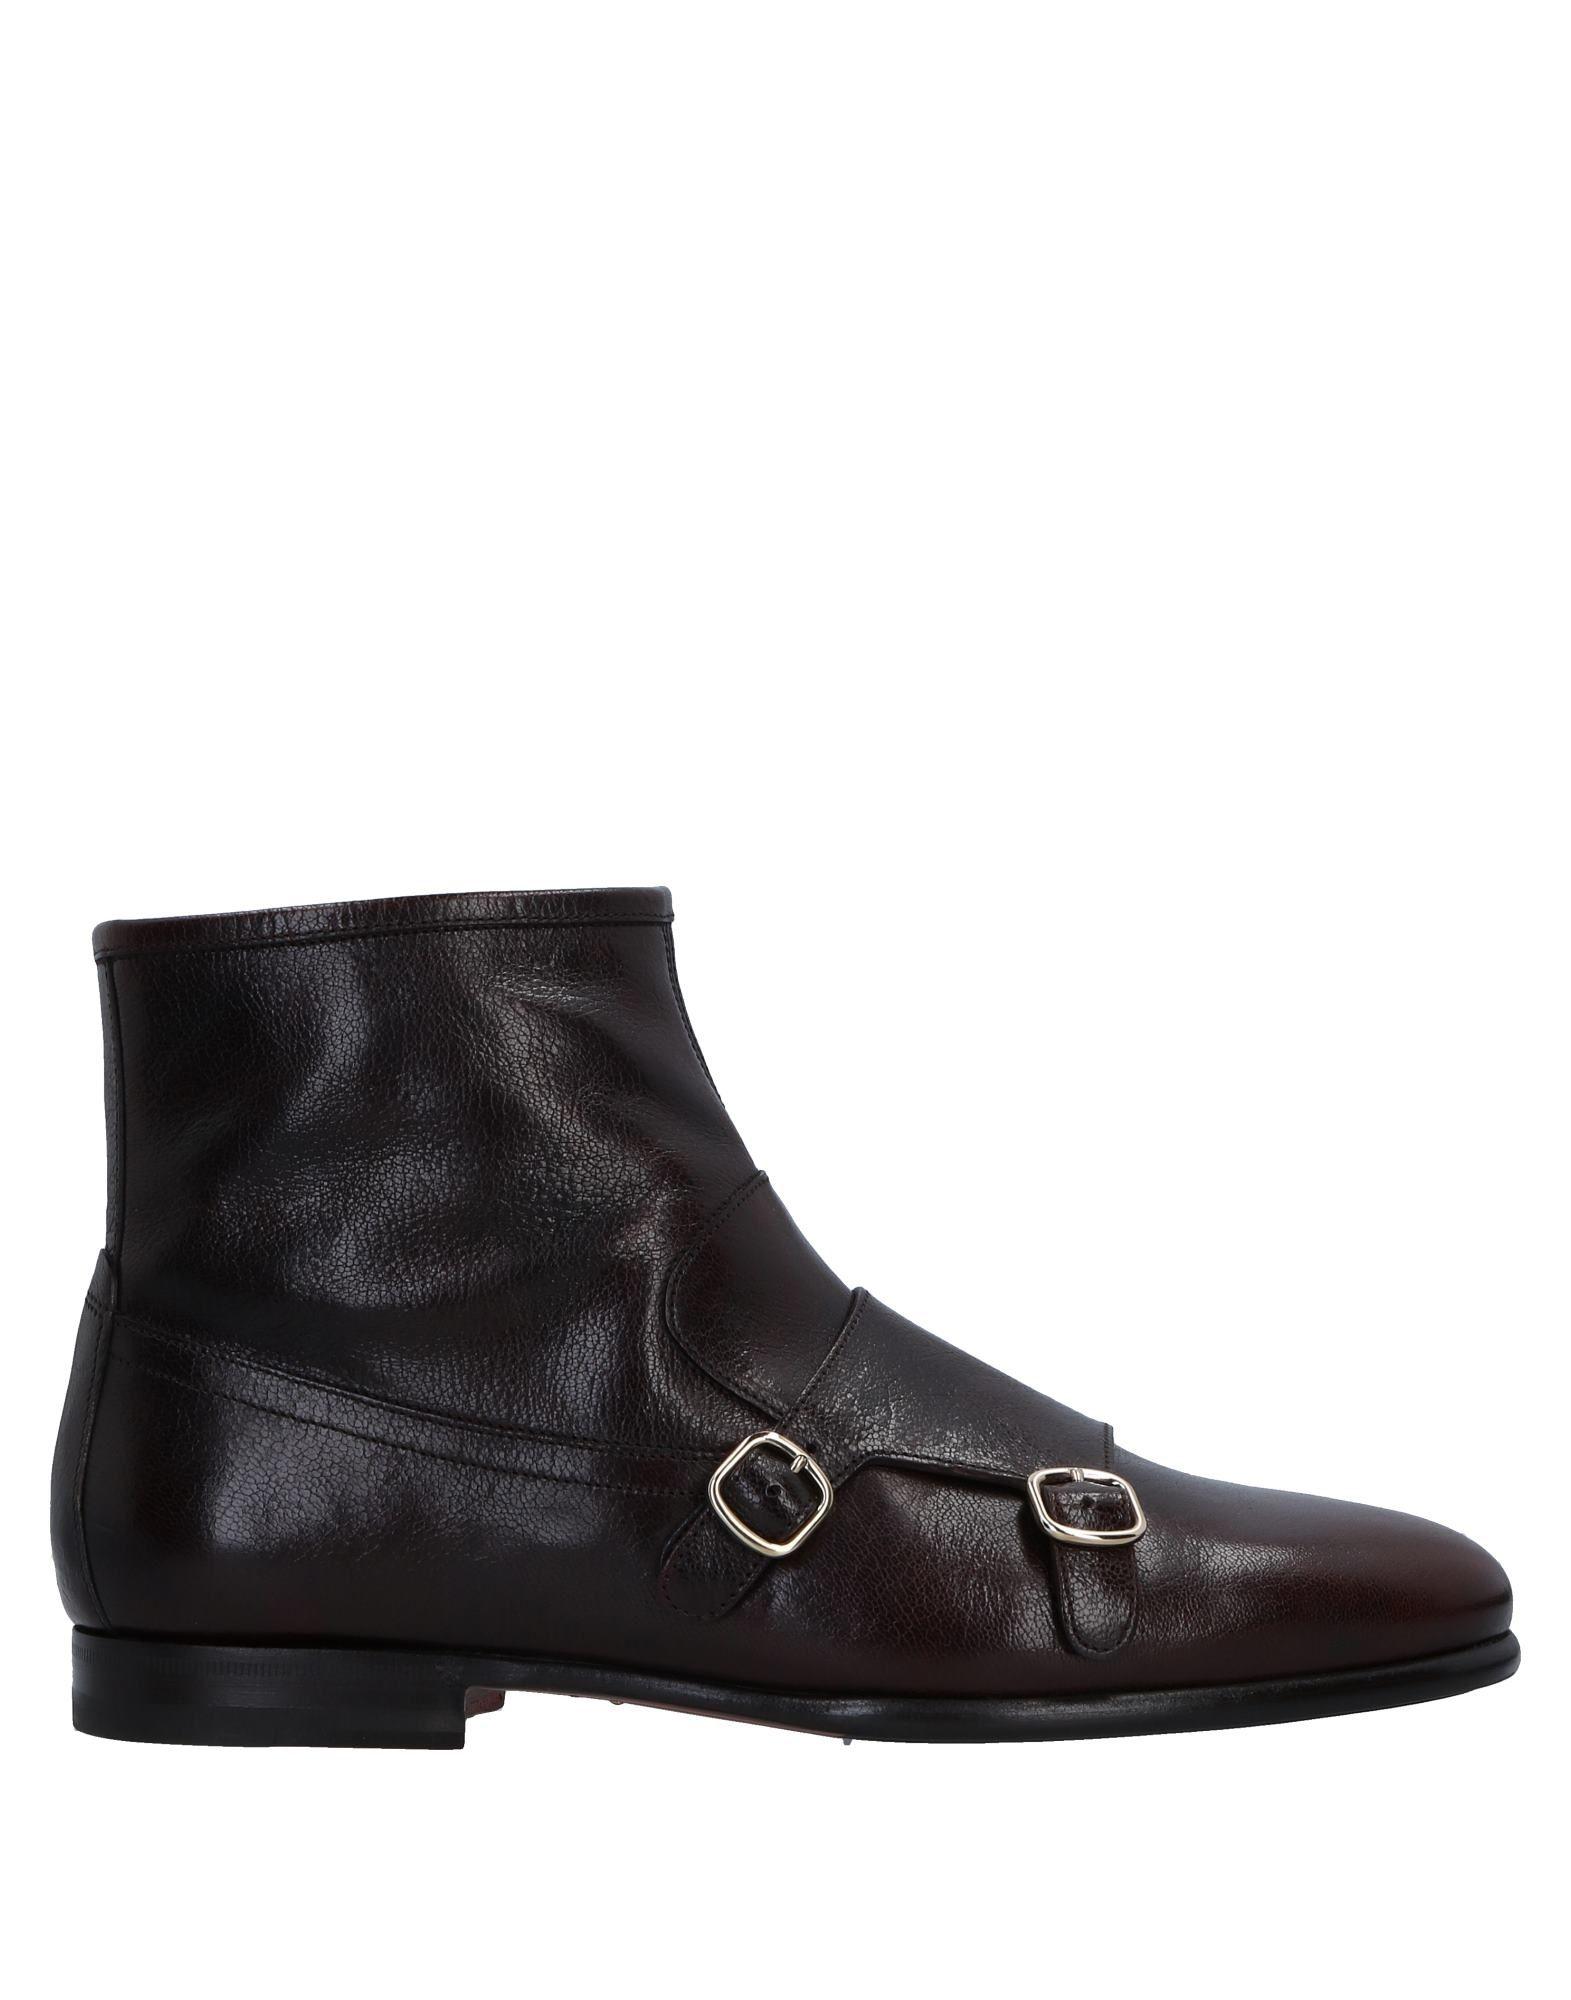 Santoni Stiefelette Herren  11542131JS Gute Qualität beliebte Schuhe